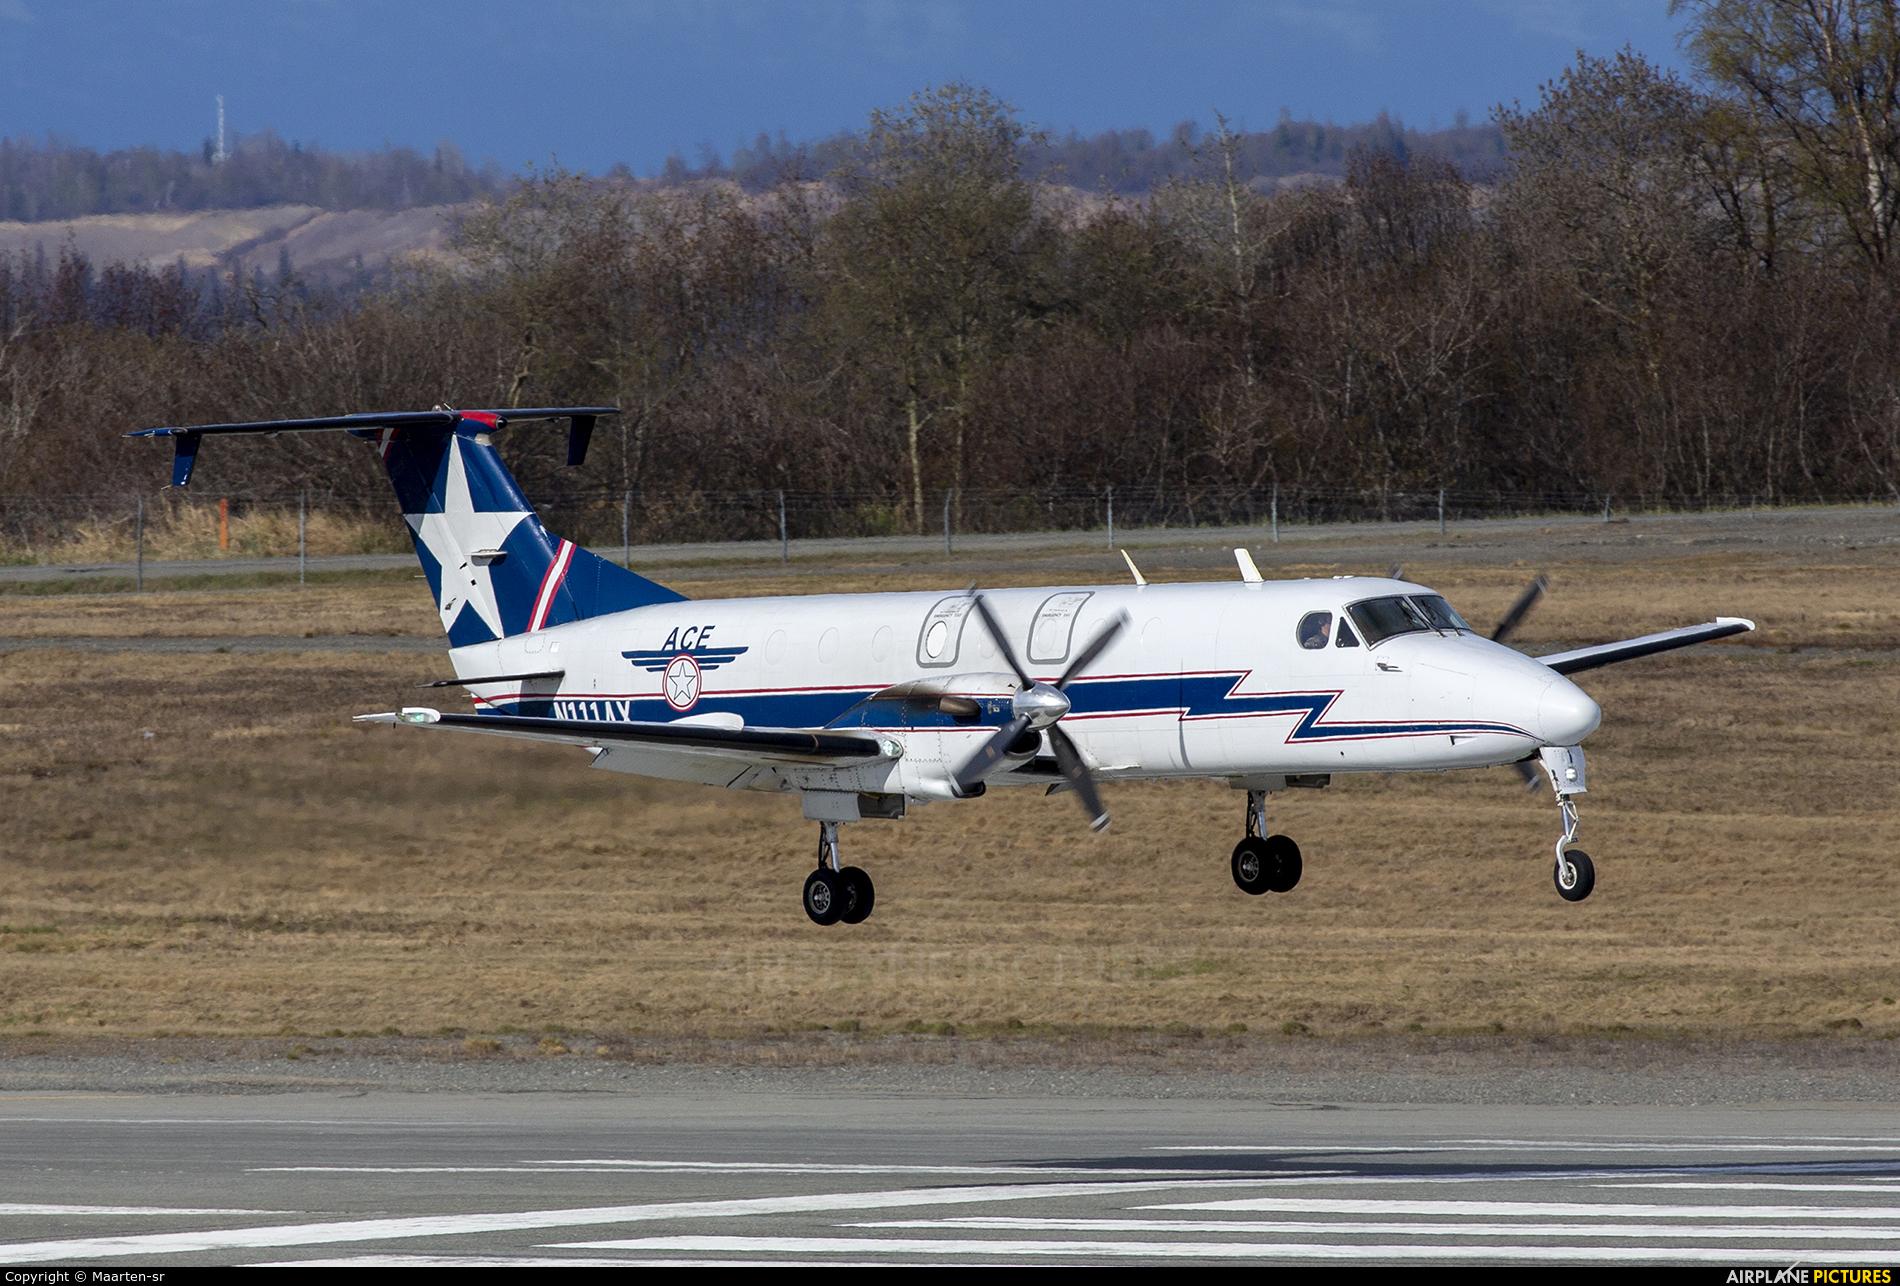 Alaska Central Express N111AX aircraft at Anchorage - Ted Stevens Intl / Kulis Air National Guard Base